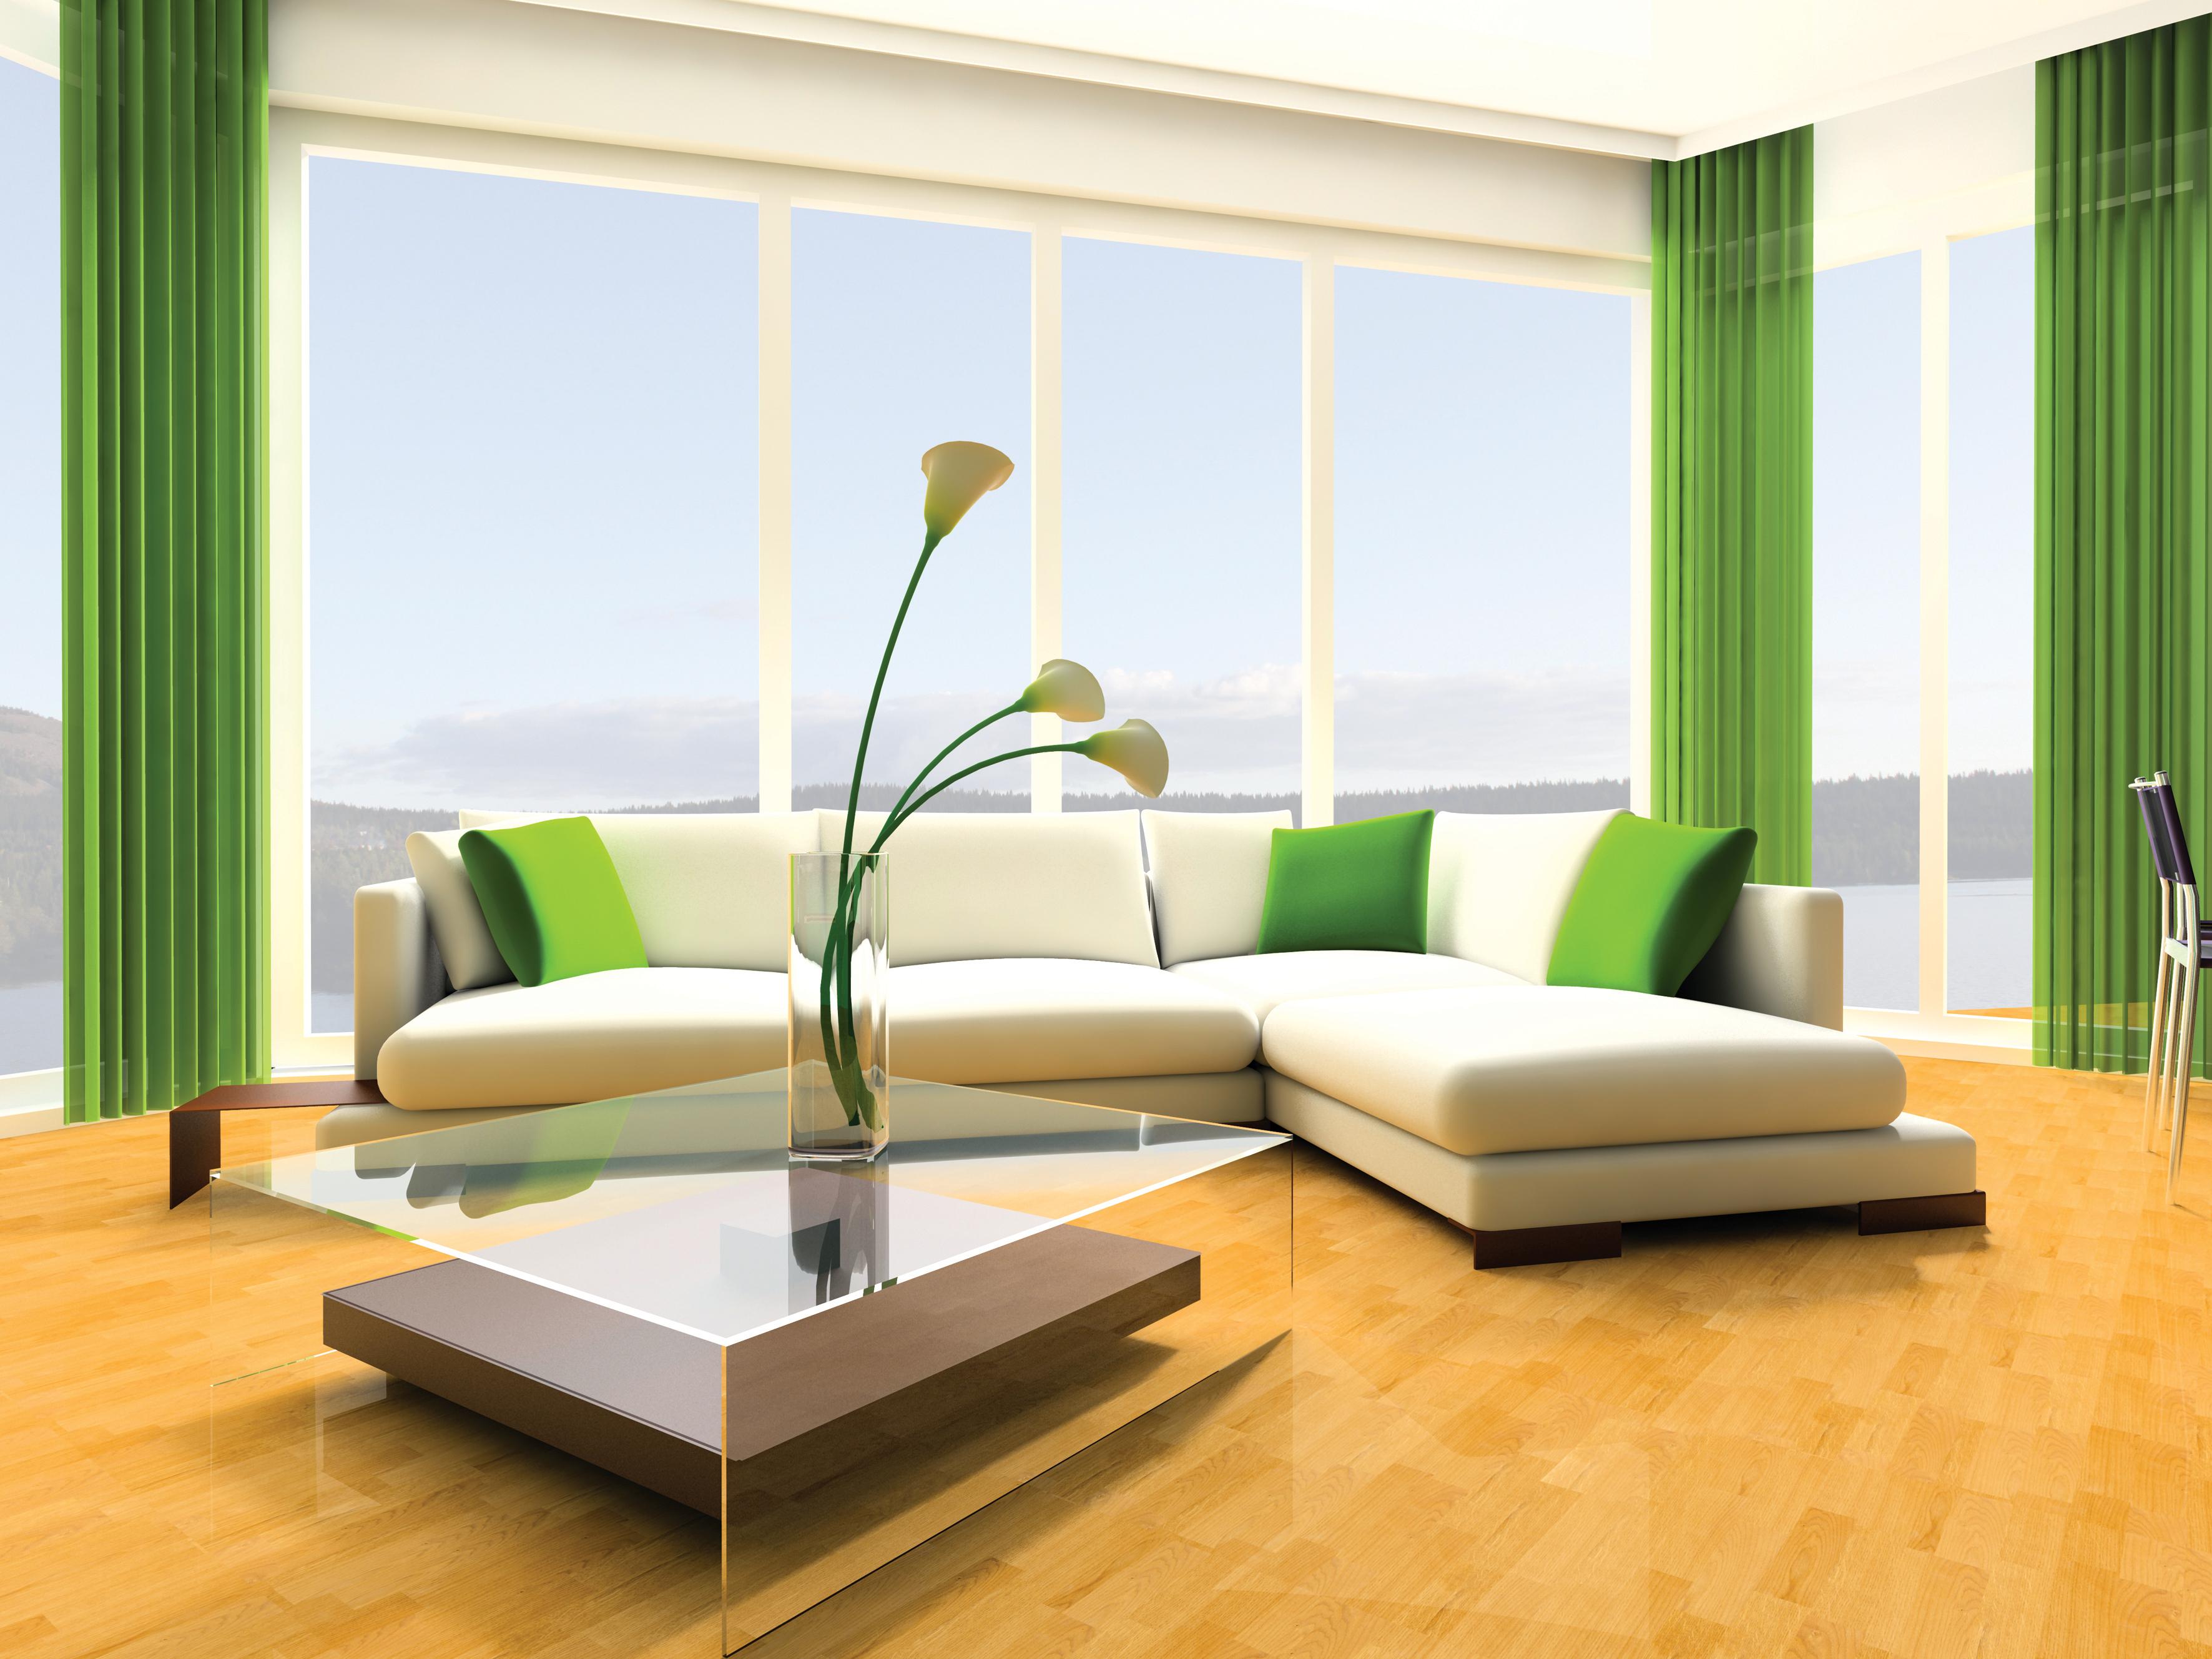 ديكورآتْ جميلة باللونْ الآخضر bntpal_1460987630_28